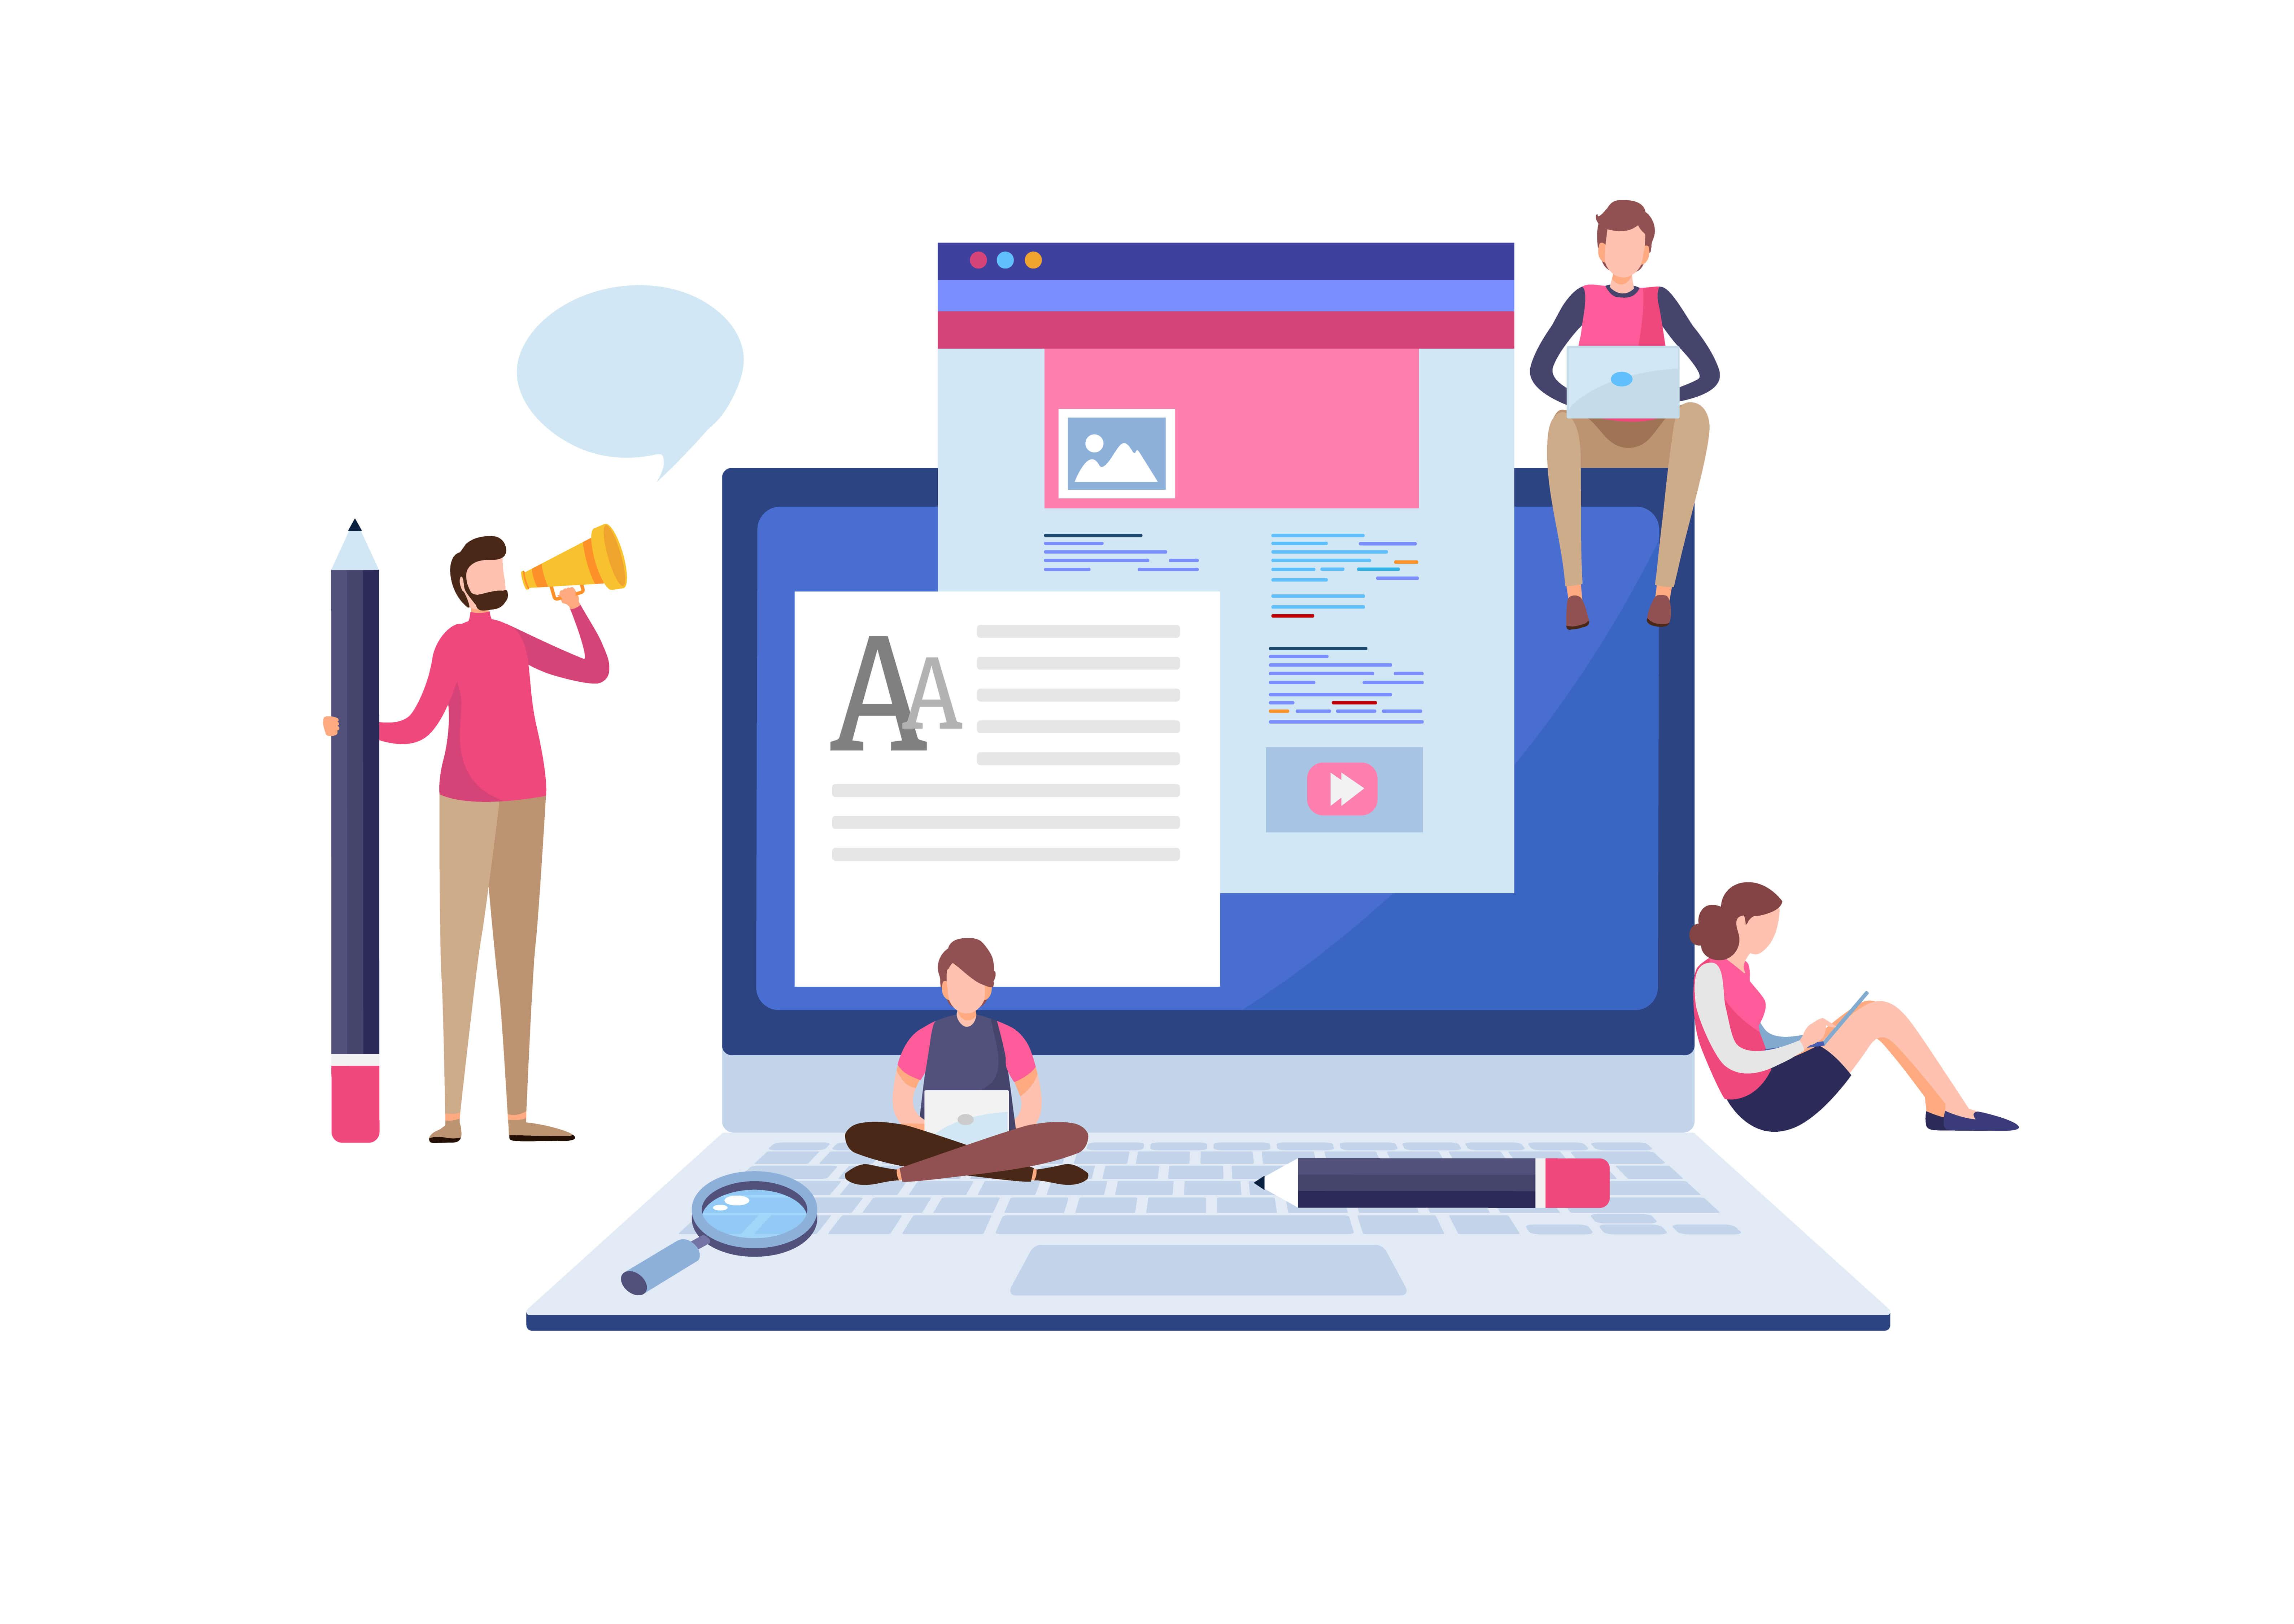 厚生労働省のモデル就業規則がバージョンアップ!WEBで使える「就業規則作成支援ツール」が公開